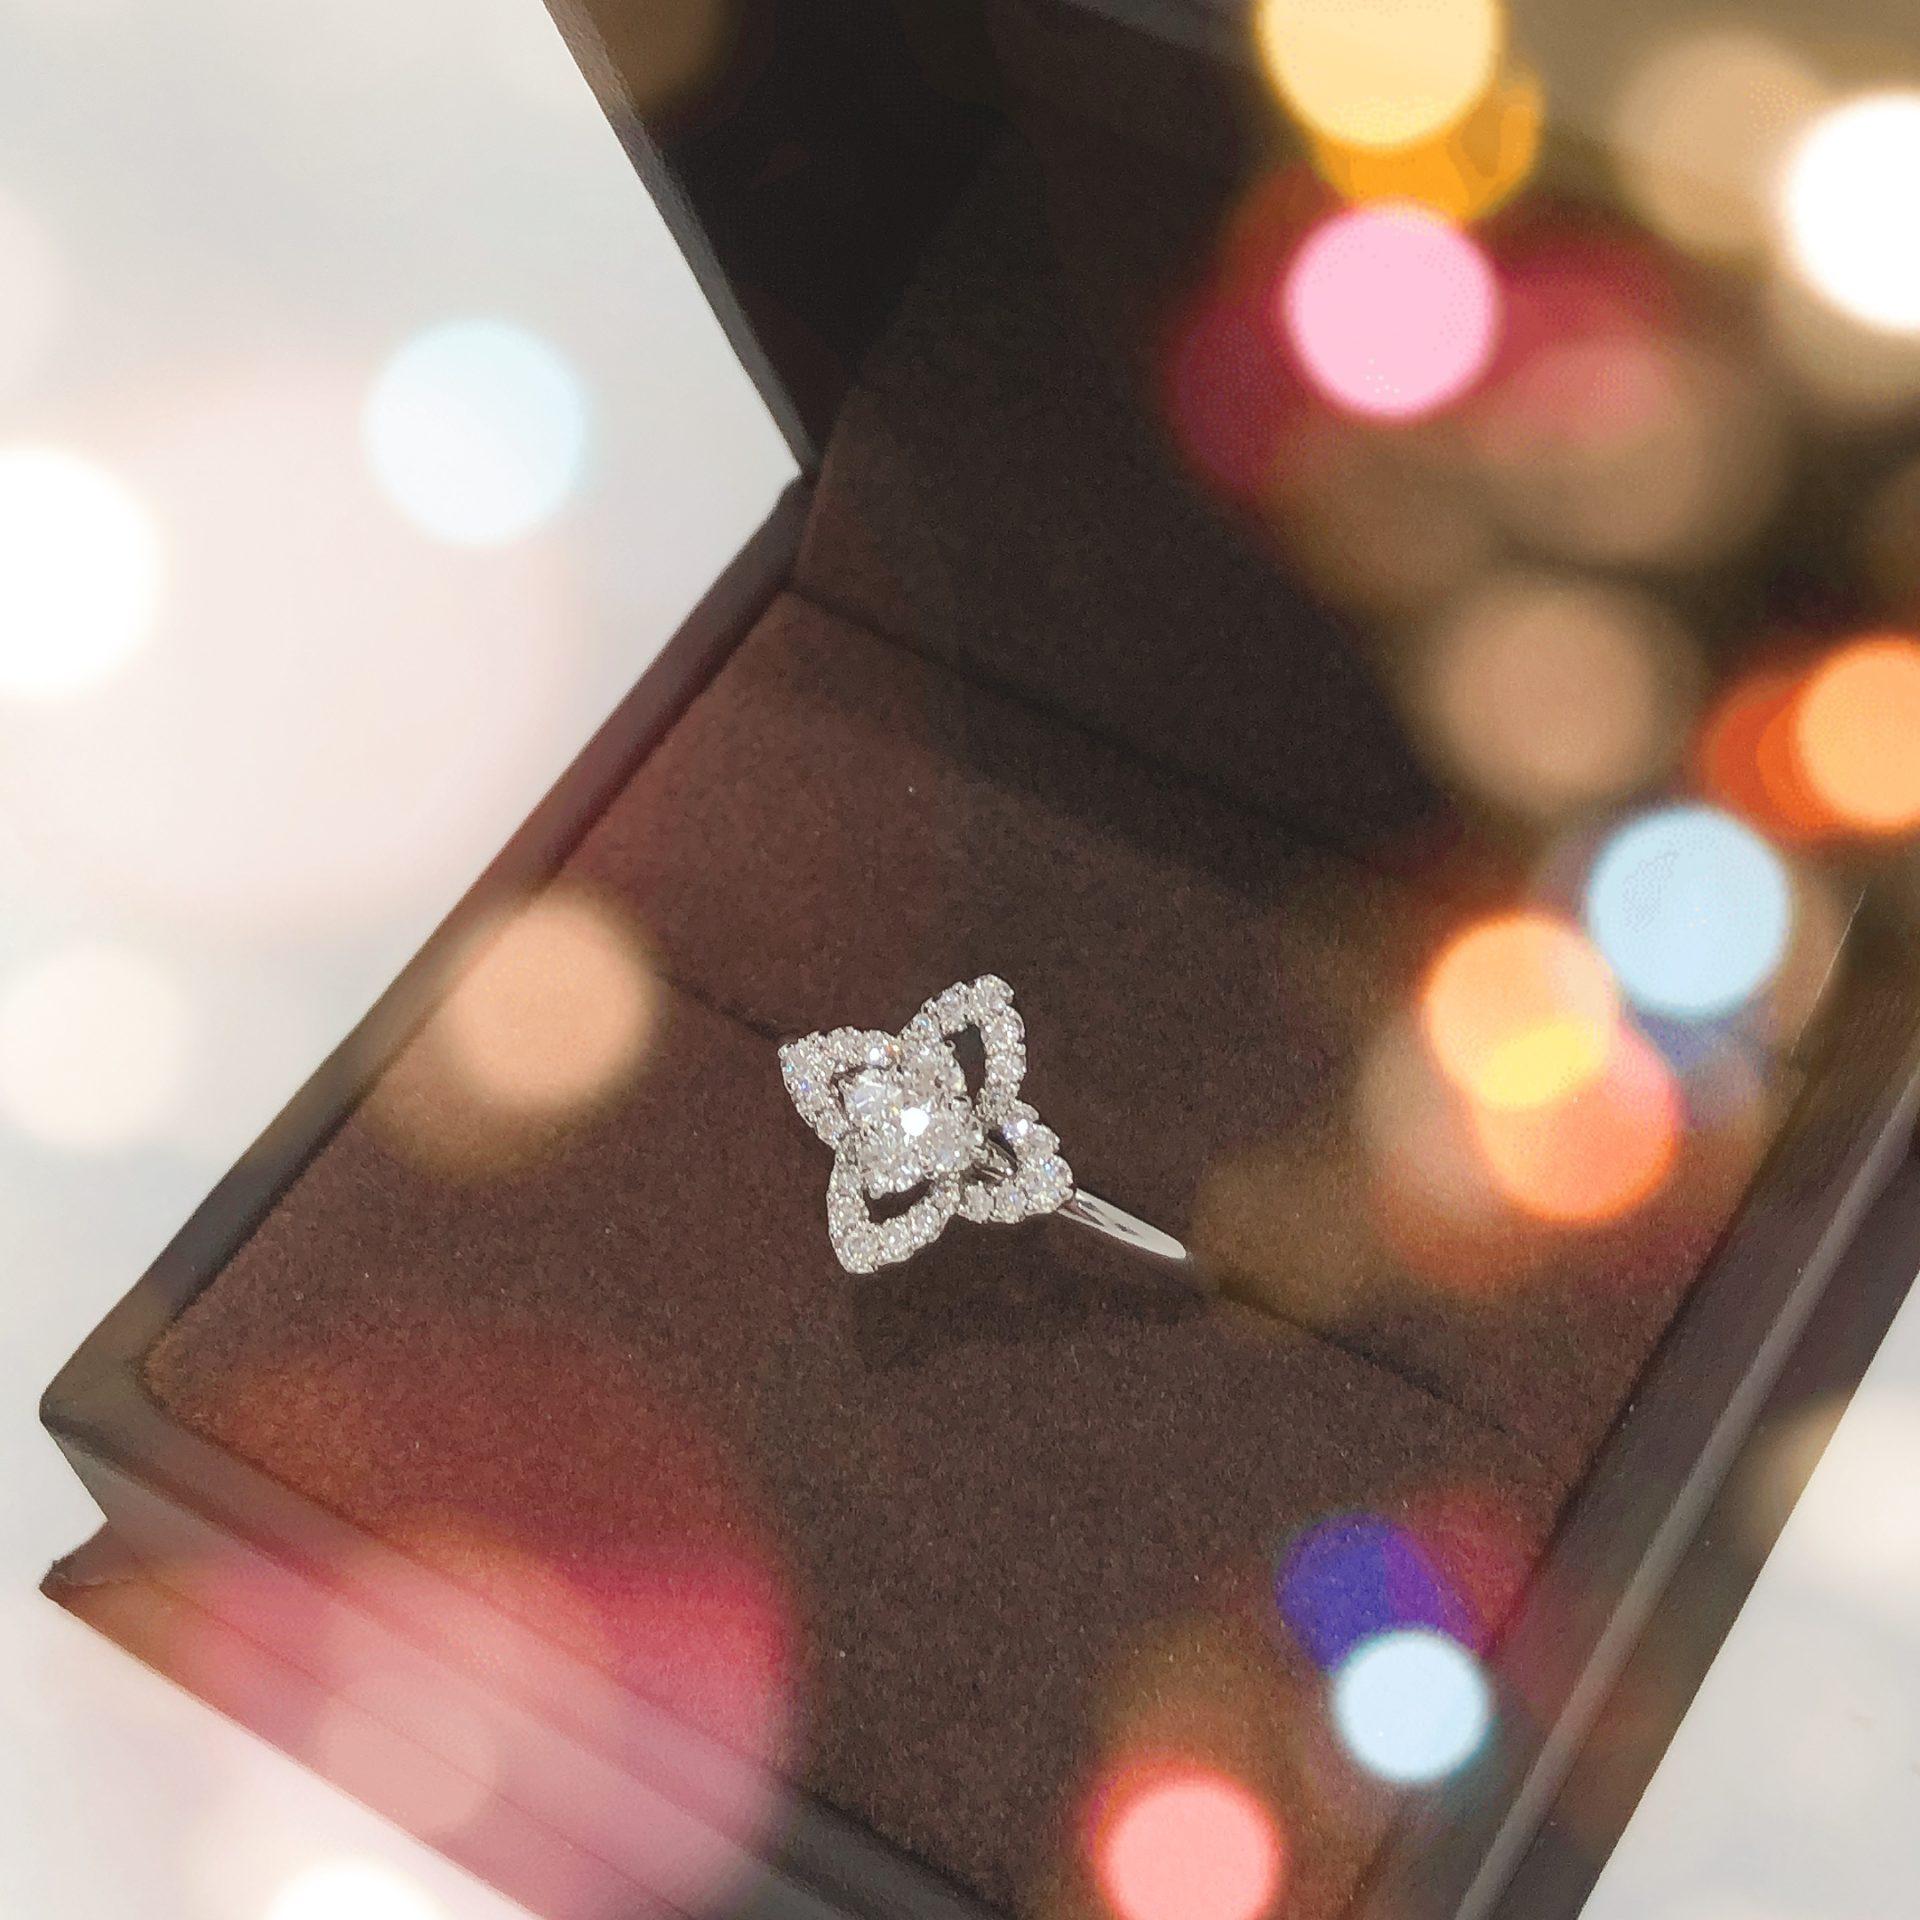 【K18WG フラワーモチーフ ダイヤリング】盛岡市のお客様よりお買取させていただきました!